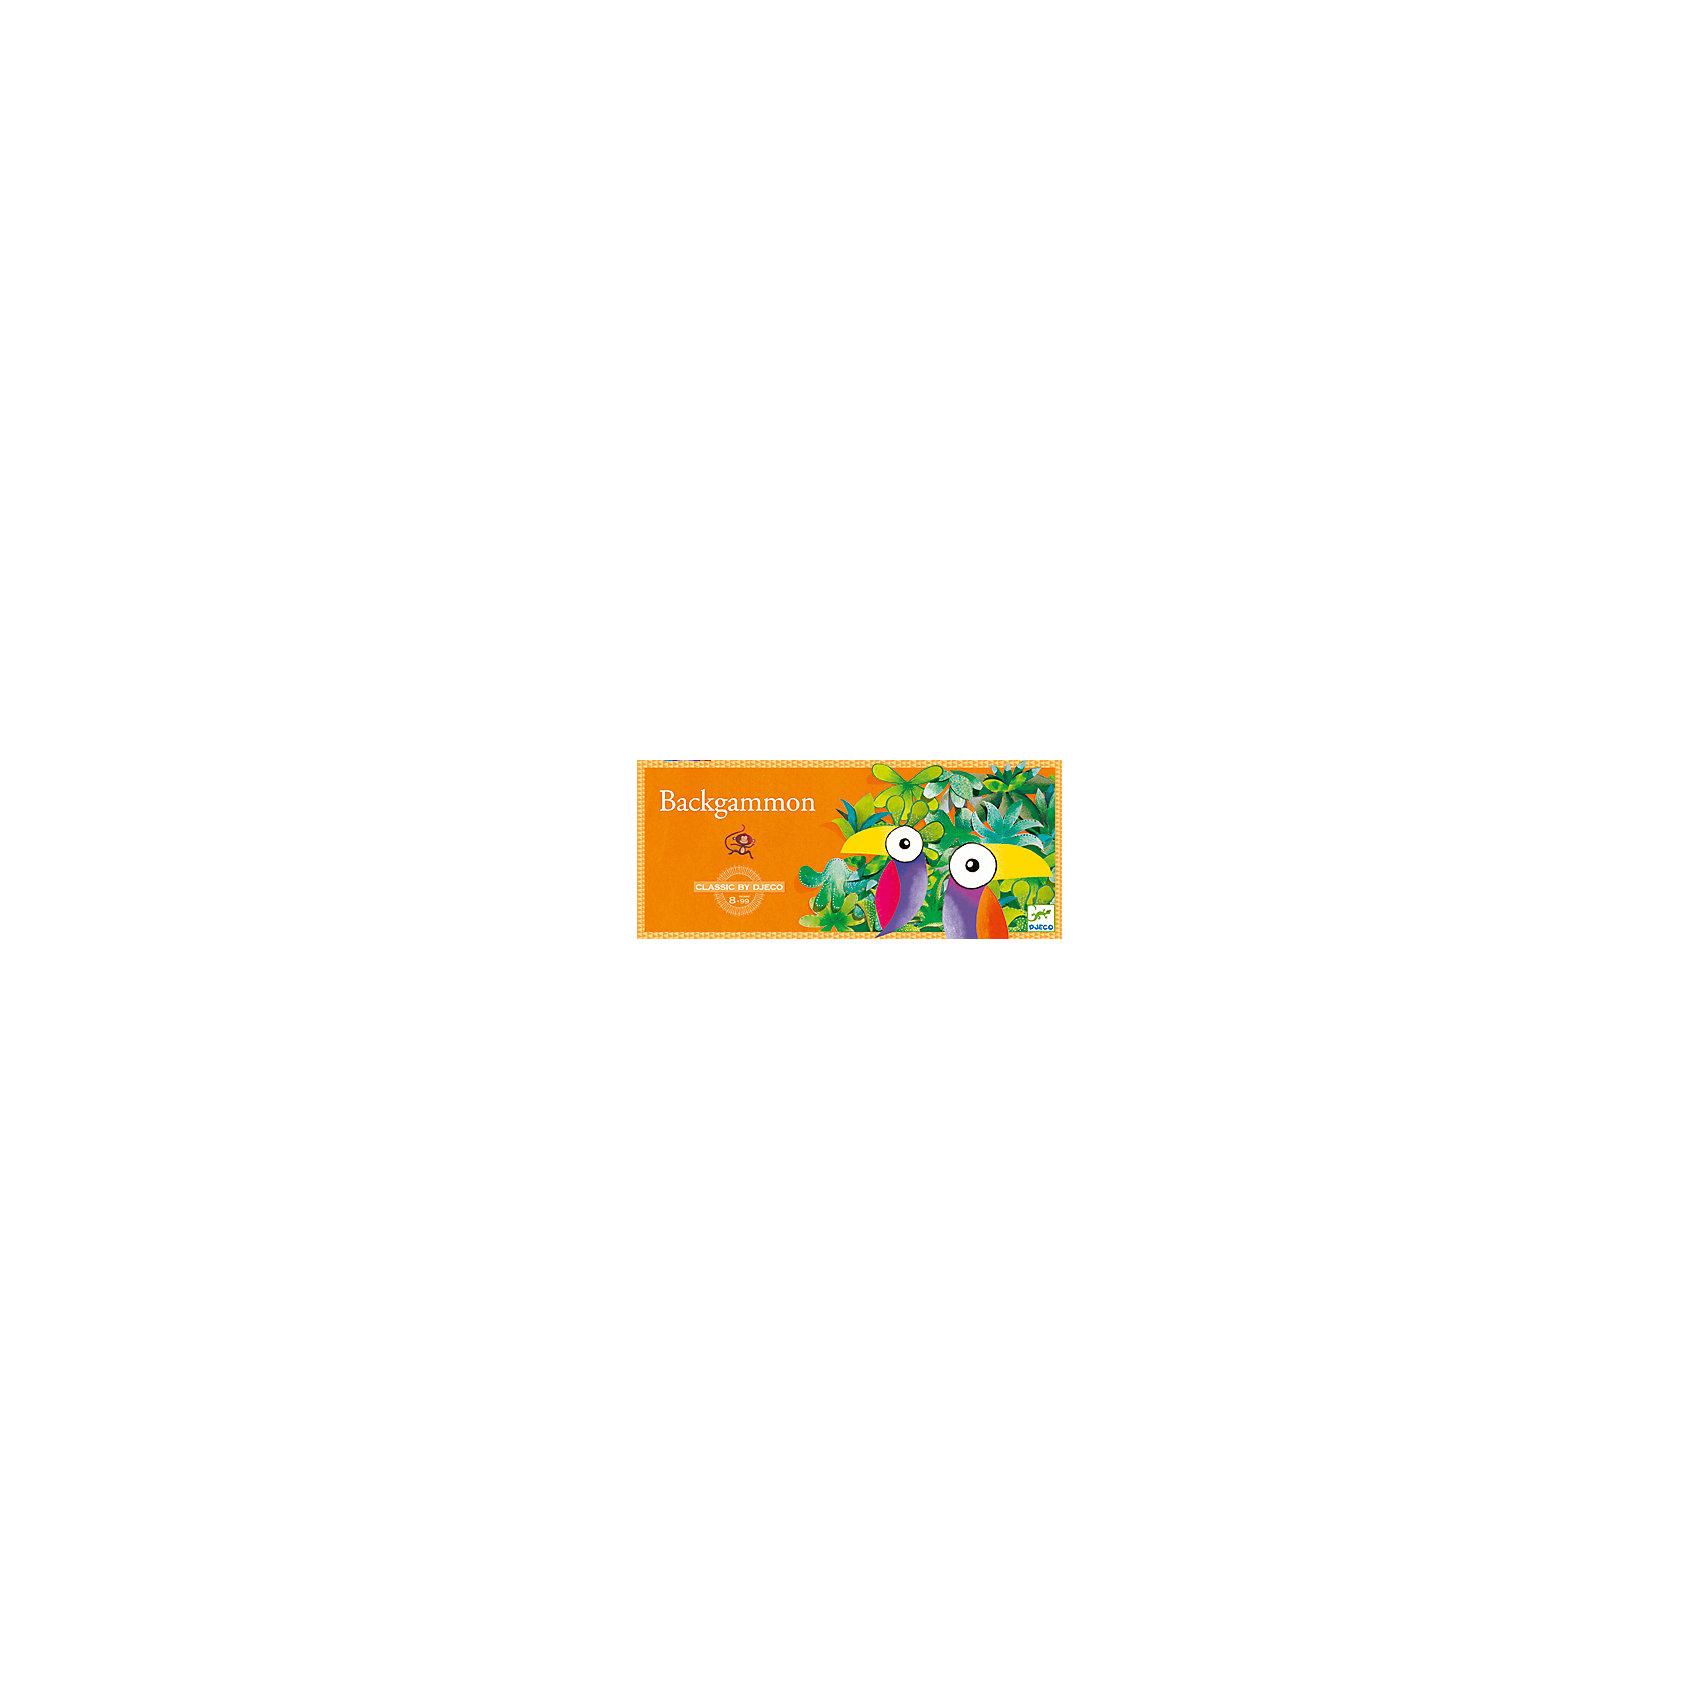 Игра Нарды, DJECOДеревянные игры и пазлы<br>Игра Нарды, Djeco (Джеко) - это новый увлекательный вариант классической игры для детей в возрасте от 8 лет. В комплекте Вы найдете игровую доску, 20 фишек в виде коричневых и бежевых обезьян и два игральных кубика. Цель игры состоит в том, чтобы вывести всех обезьян из джунглей. Перед началом игры каждый игрок выбирает цвет обезьян и расставляет их на доске, в порядке, предусмотренном правилами. Туканы обозначают клетки выхода фишек обоих игроков. Участники по очереди бросают 2 кубика и переставляют одну или несколько своих фишек-обезьян на количество клеток, равное числам, выпавшим на каждом из 2 кубиков. Перемещение фишек по доске осуществляется в направлении, указанном стрелкой. Когда игрок привел всех своих обезьян на клетки выхода, он может начинать выводить их с доски. Выводить обезьяну нужно в соответствии с указанными кубиками числами, которые обозначают количество клеток перед выходом. Выигрывает игрок, который первым выведет своих обезьян с доски. <br><br>Дополнительная информация:<br><br>- В комплекте: игровая доска, 10 коричневых обезьян, 10 бежевых обезьян, 2 игральных кубика.<br>- Материал: дерево.<br>- Размер упаковки: 42 х 16 х 4,5 см.<br>- Вес: 0,28 кг. <br><br>Игру Нарды, Djeco (Джеко), можно купить в нашем магазине.<br><br>Ширина мм: 30<br>Глубина мм: 420<br>Высота мм: 160<br>Вес г: 690<br>Возраст от месяцев: 96<br>Возраст до месяцев: 132<br>Пол: Унисекс<br>Возраст: Детский<br>SKU: 4566285